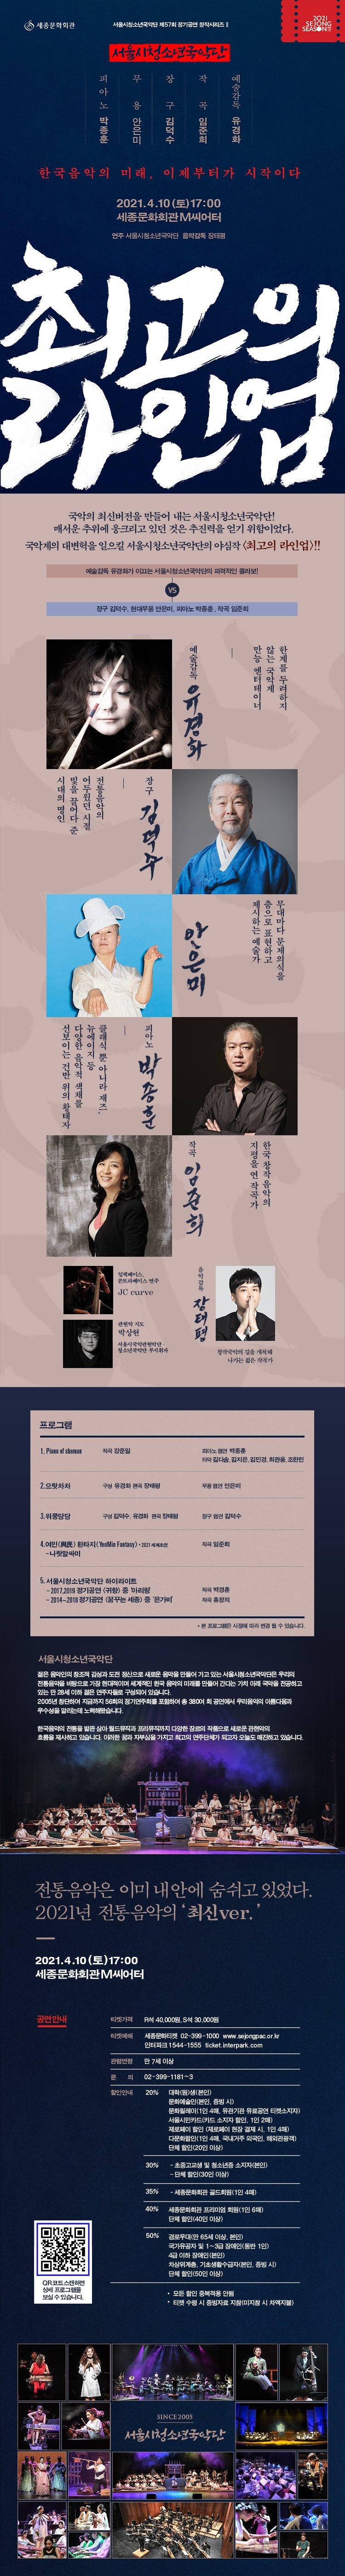 서울시청소년국악단 최고의 라인업 한국음악의 미래, 이제부터가 시작이다 2021.04.10(토) 17:00 세종문화회관 M씨어터